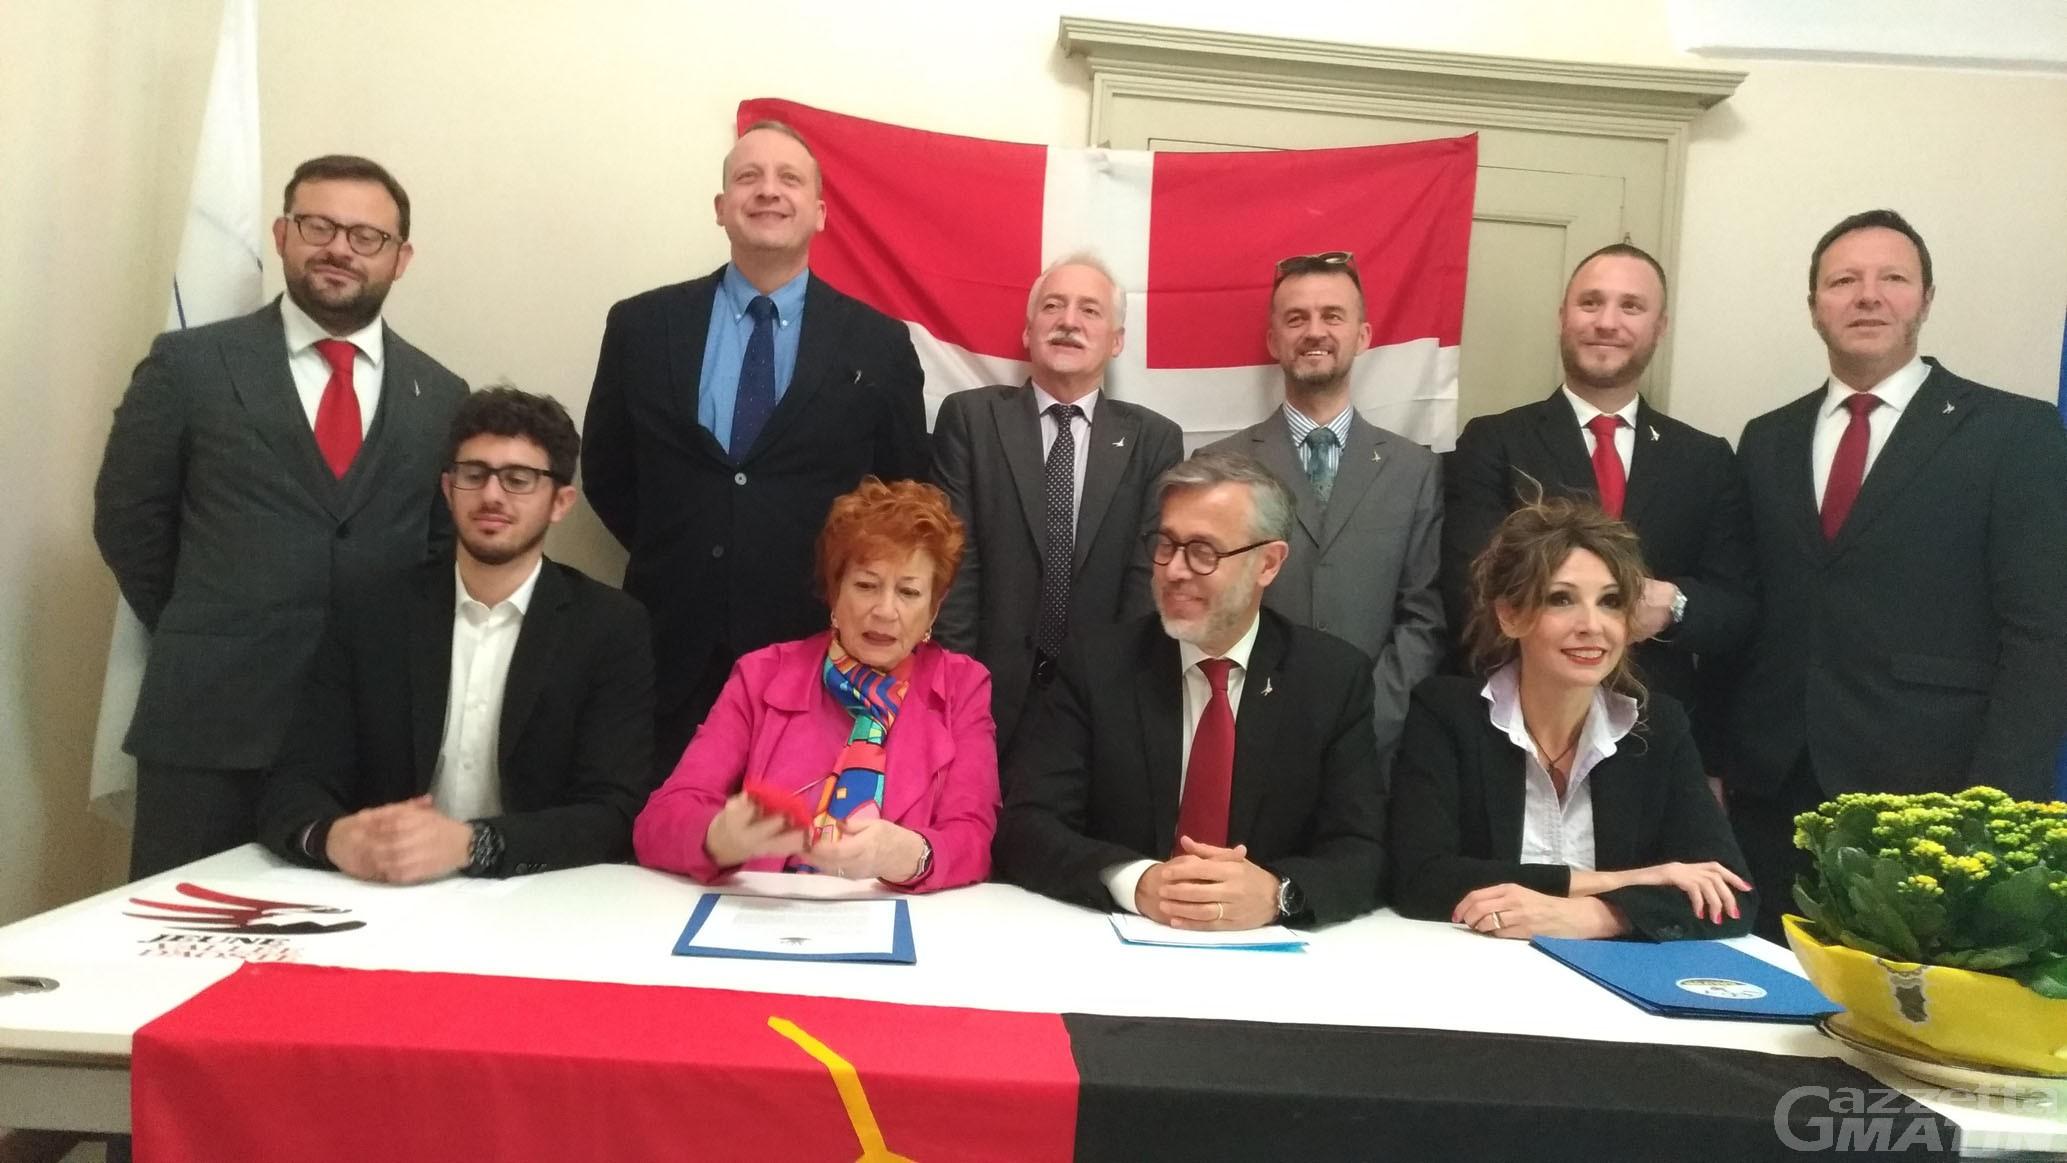 Europee: Sammaritani, candidato della Lega, invita i valdostani ad andare in massa alle urne